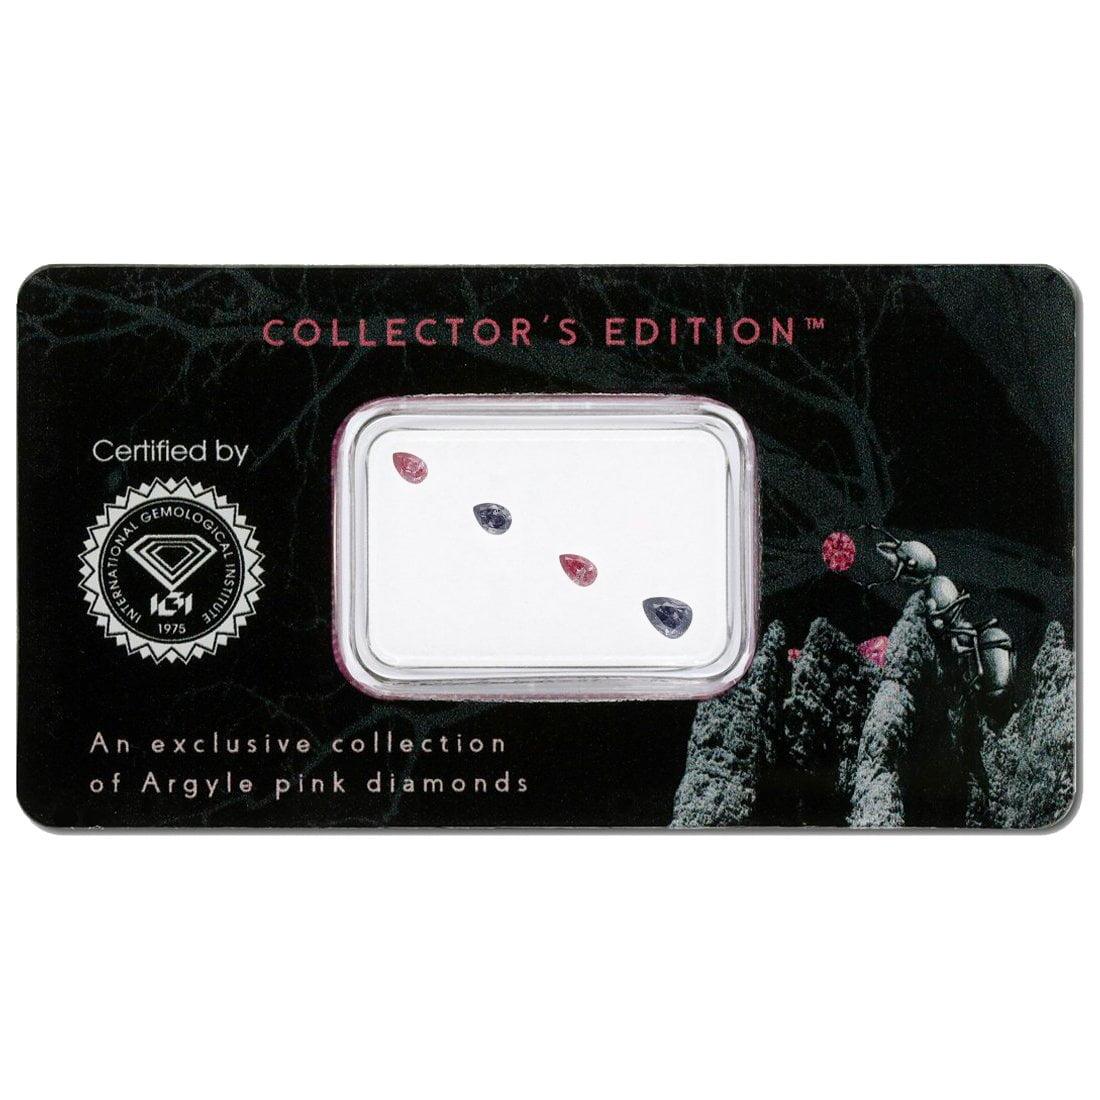 4=0.18ct Natural Fancy Intense Purplish Pink / Intense Grey Violet, BL3/3PP, VS2, Argyle Pink Diamond